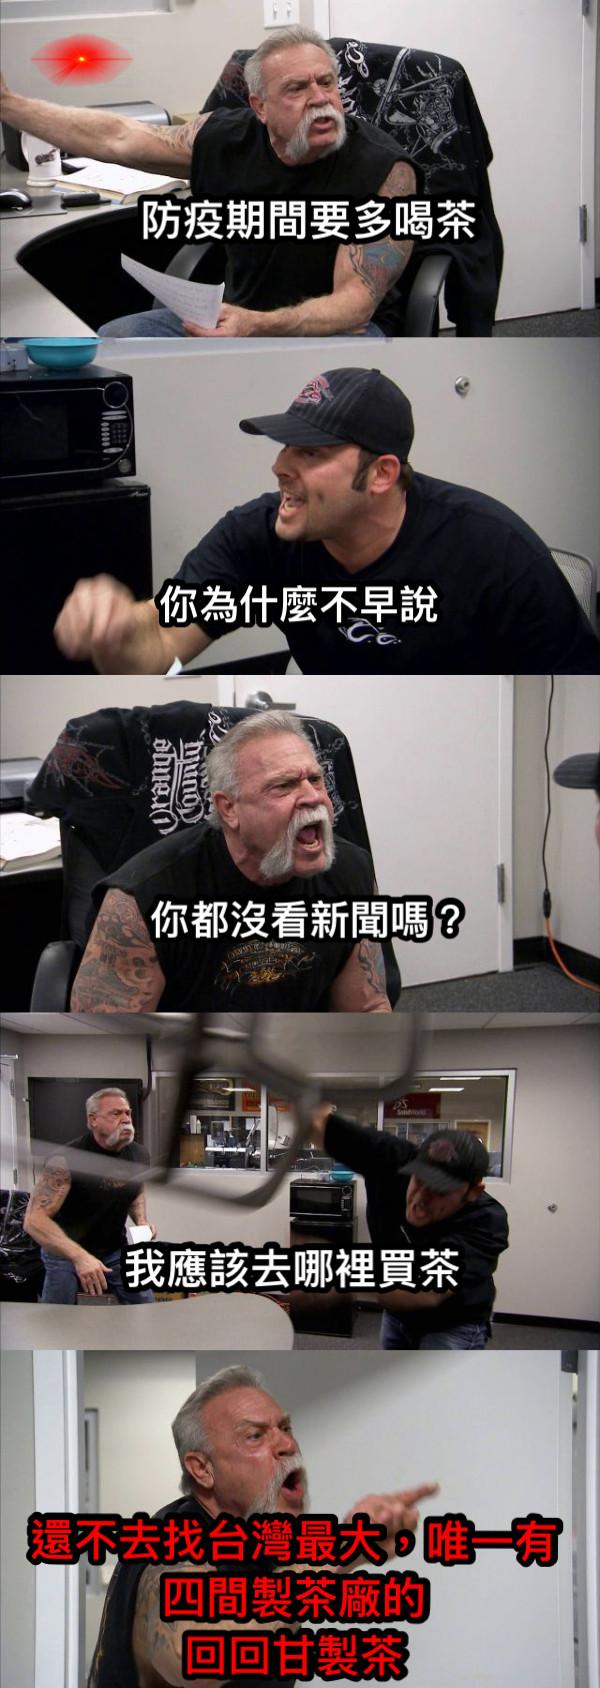 防疫期間要多喝茶 你為什麼不早說 你都沒看新聞嗎? 我應該去哪裡買茶 還不去找台灣最大,唯一有四間製茶廠的 回回甘製茶